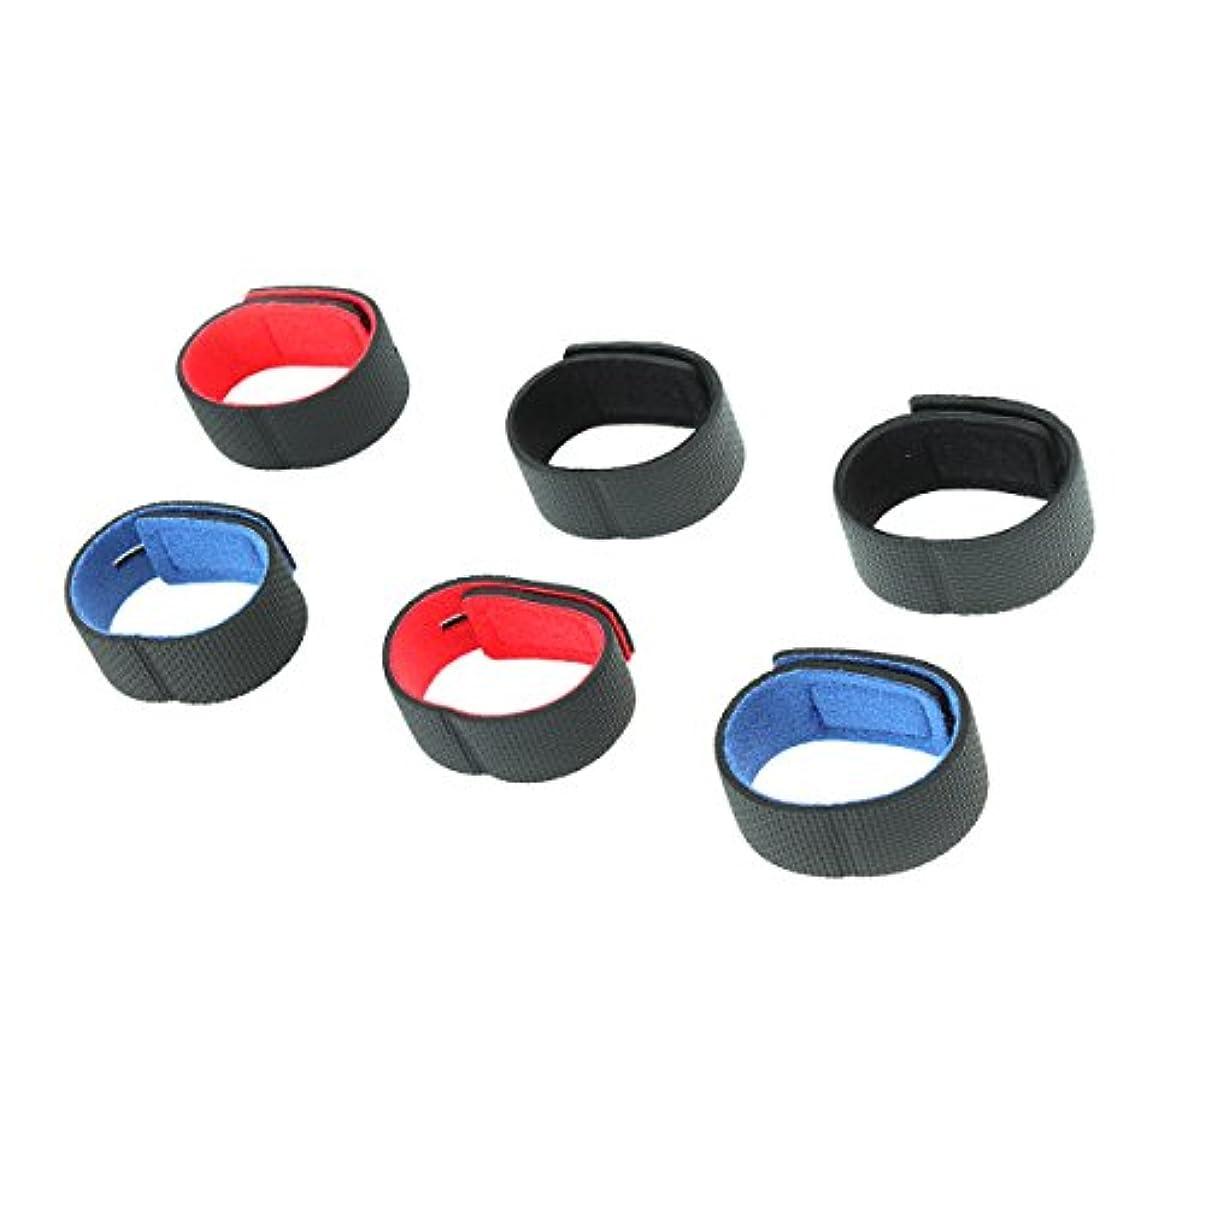 辞任する理容師独立VORCOOL 6個釣りロッドベルトケーブルタイストラップ粘着滑り防止ストラップFixationデバイス釣りロッドバンデージ器具(2レッド, 2ブルーと2ブラック)